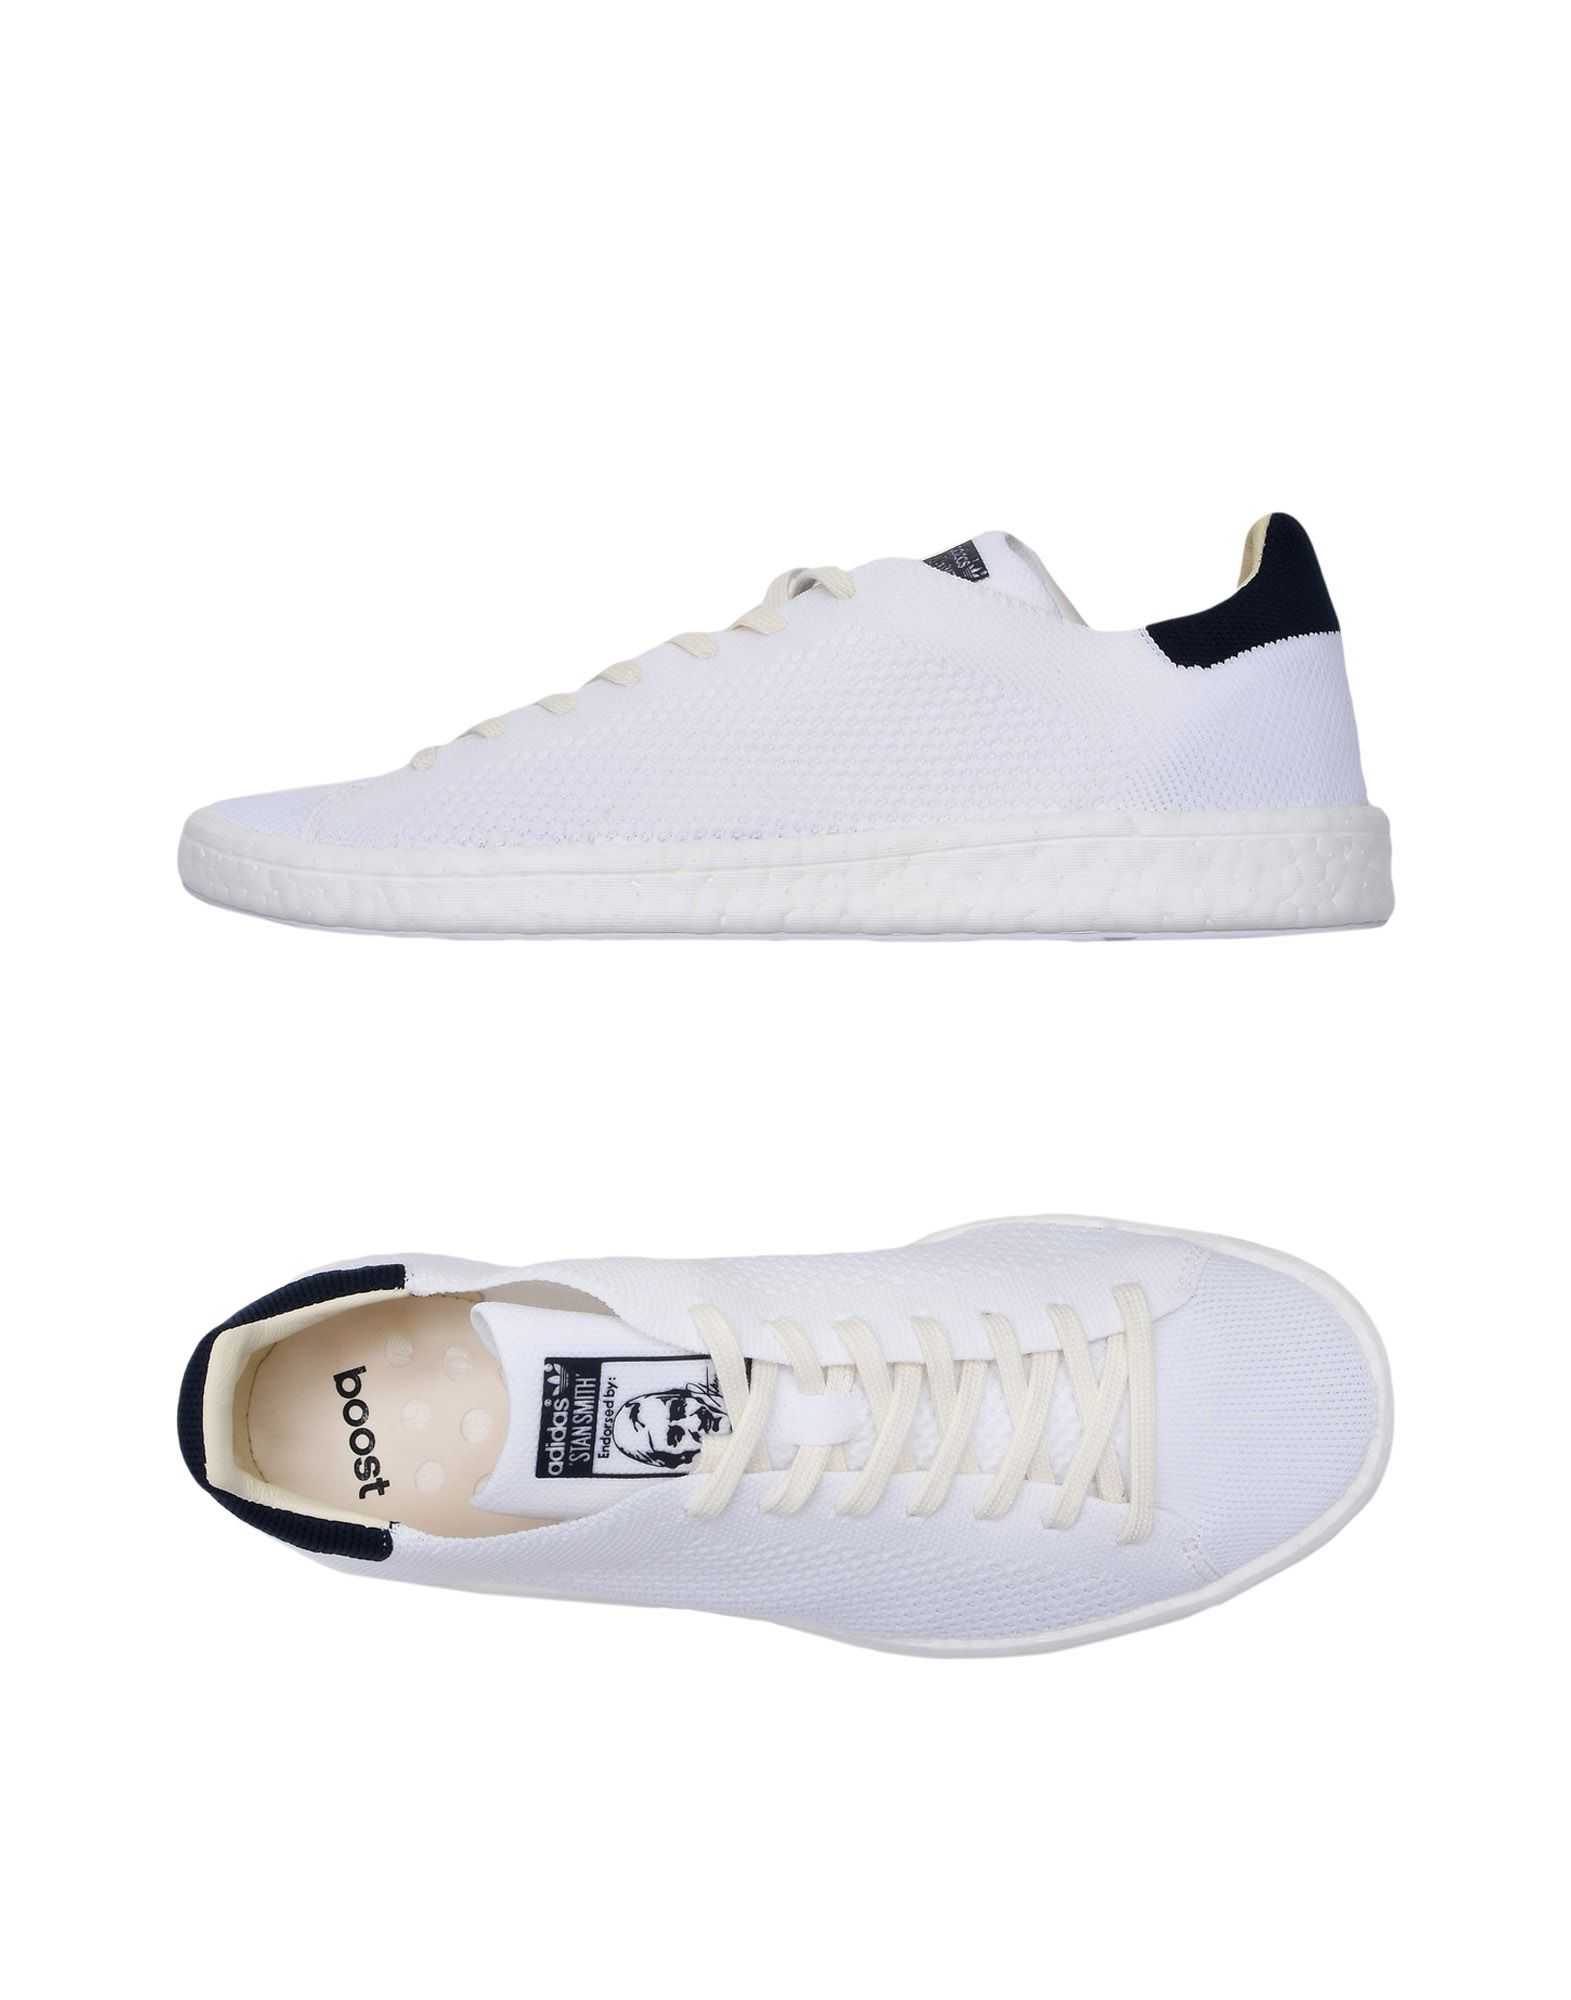 Scarpe da Ginnastica Uomo Adidas Originals Stan Smith Pk - Uomo Ginnastica - 11262591MH 3d25ee